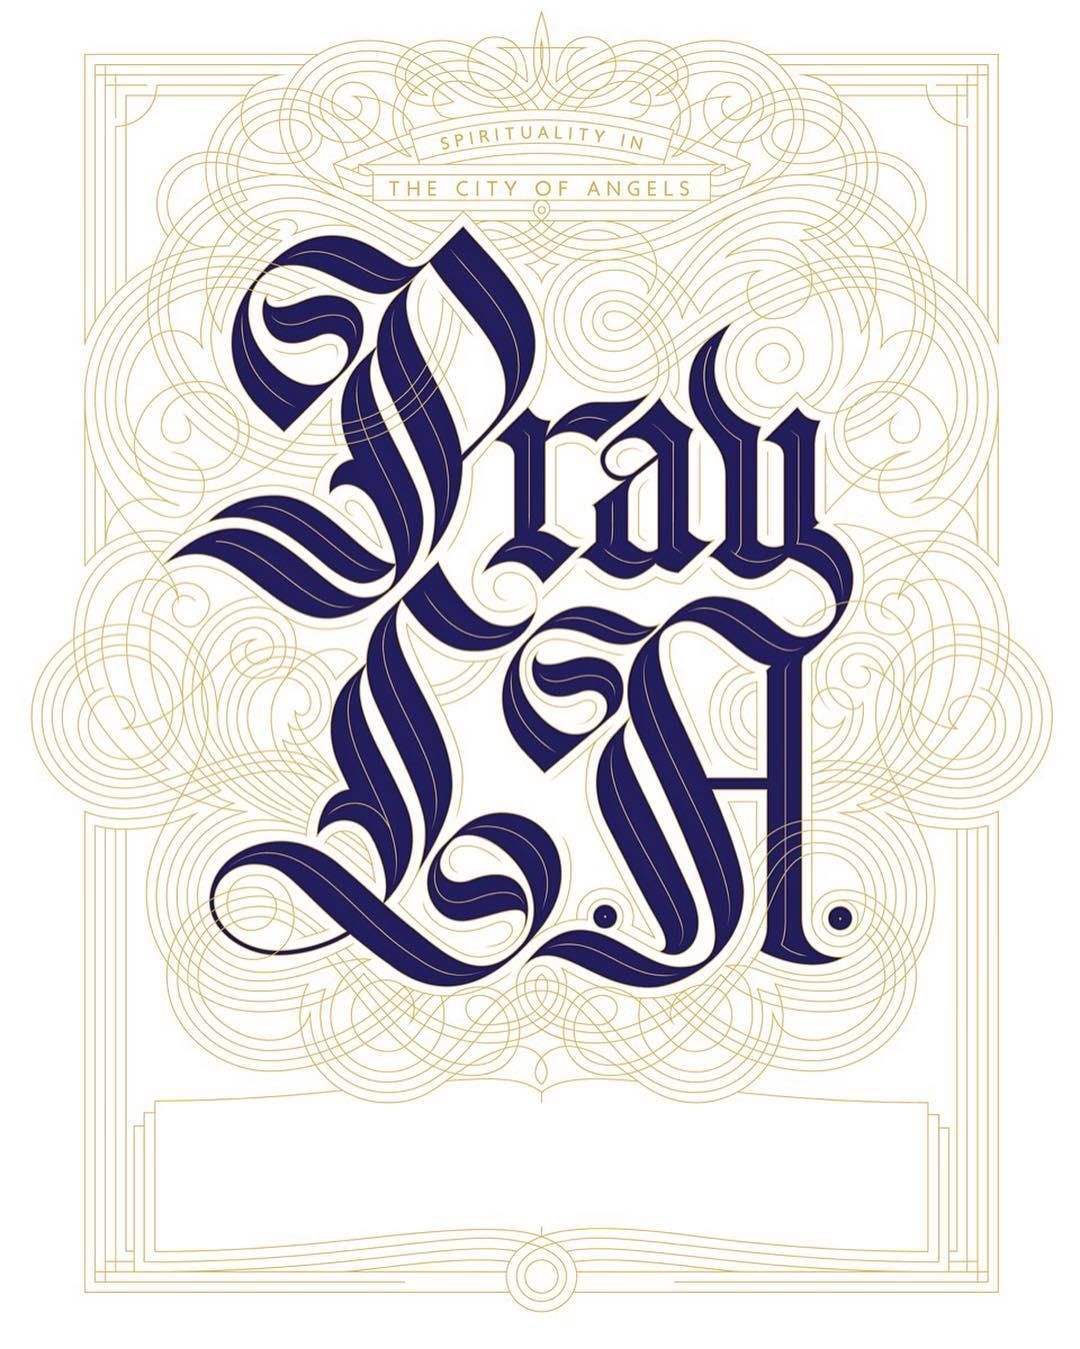 Incredible Typography Works of Jordan Metcalf